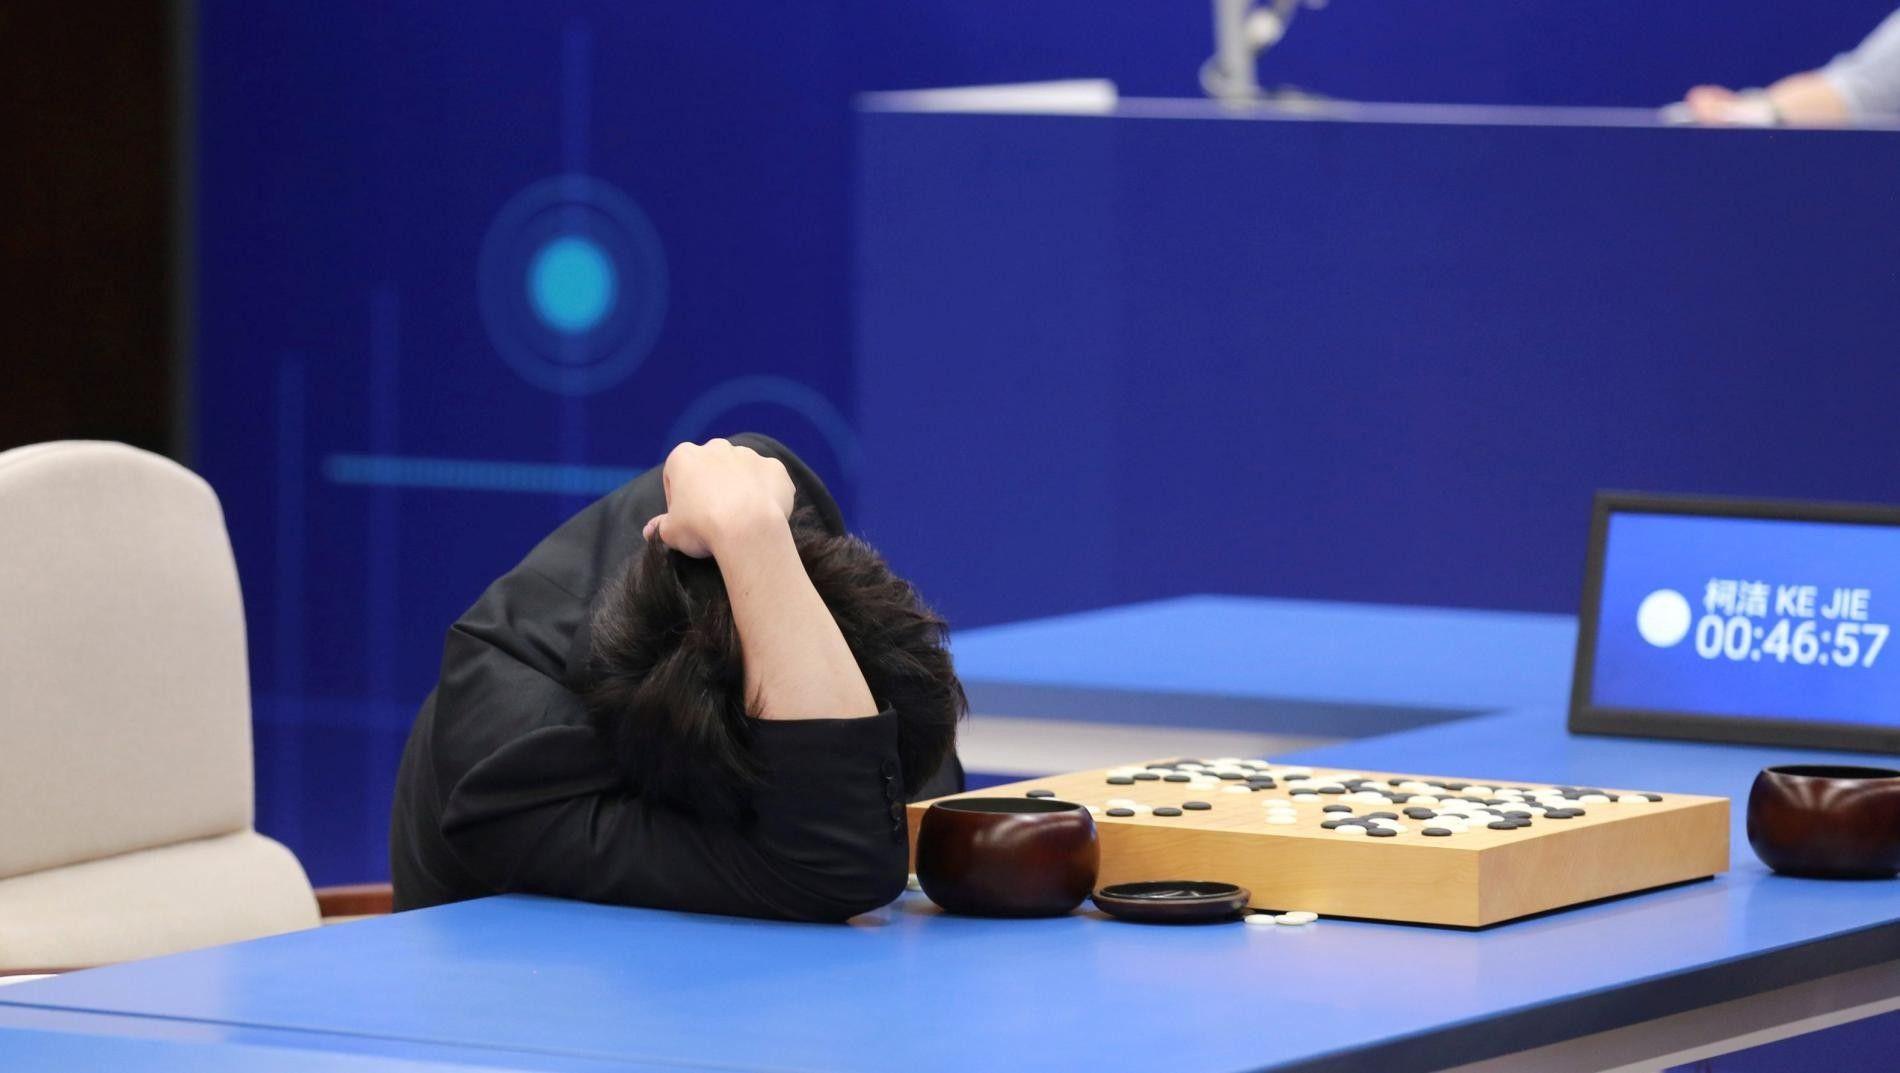 Abbildung 7: Ke Jie gegen AlphaGo, Reuters/Stringer